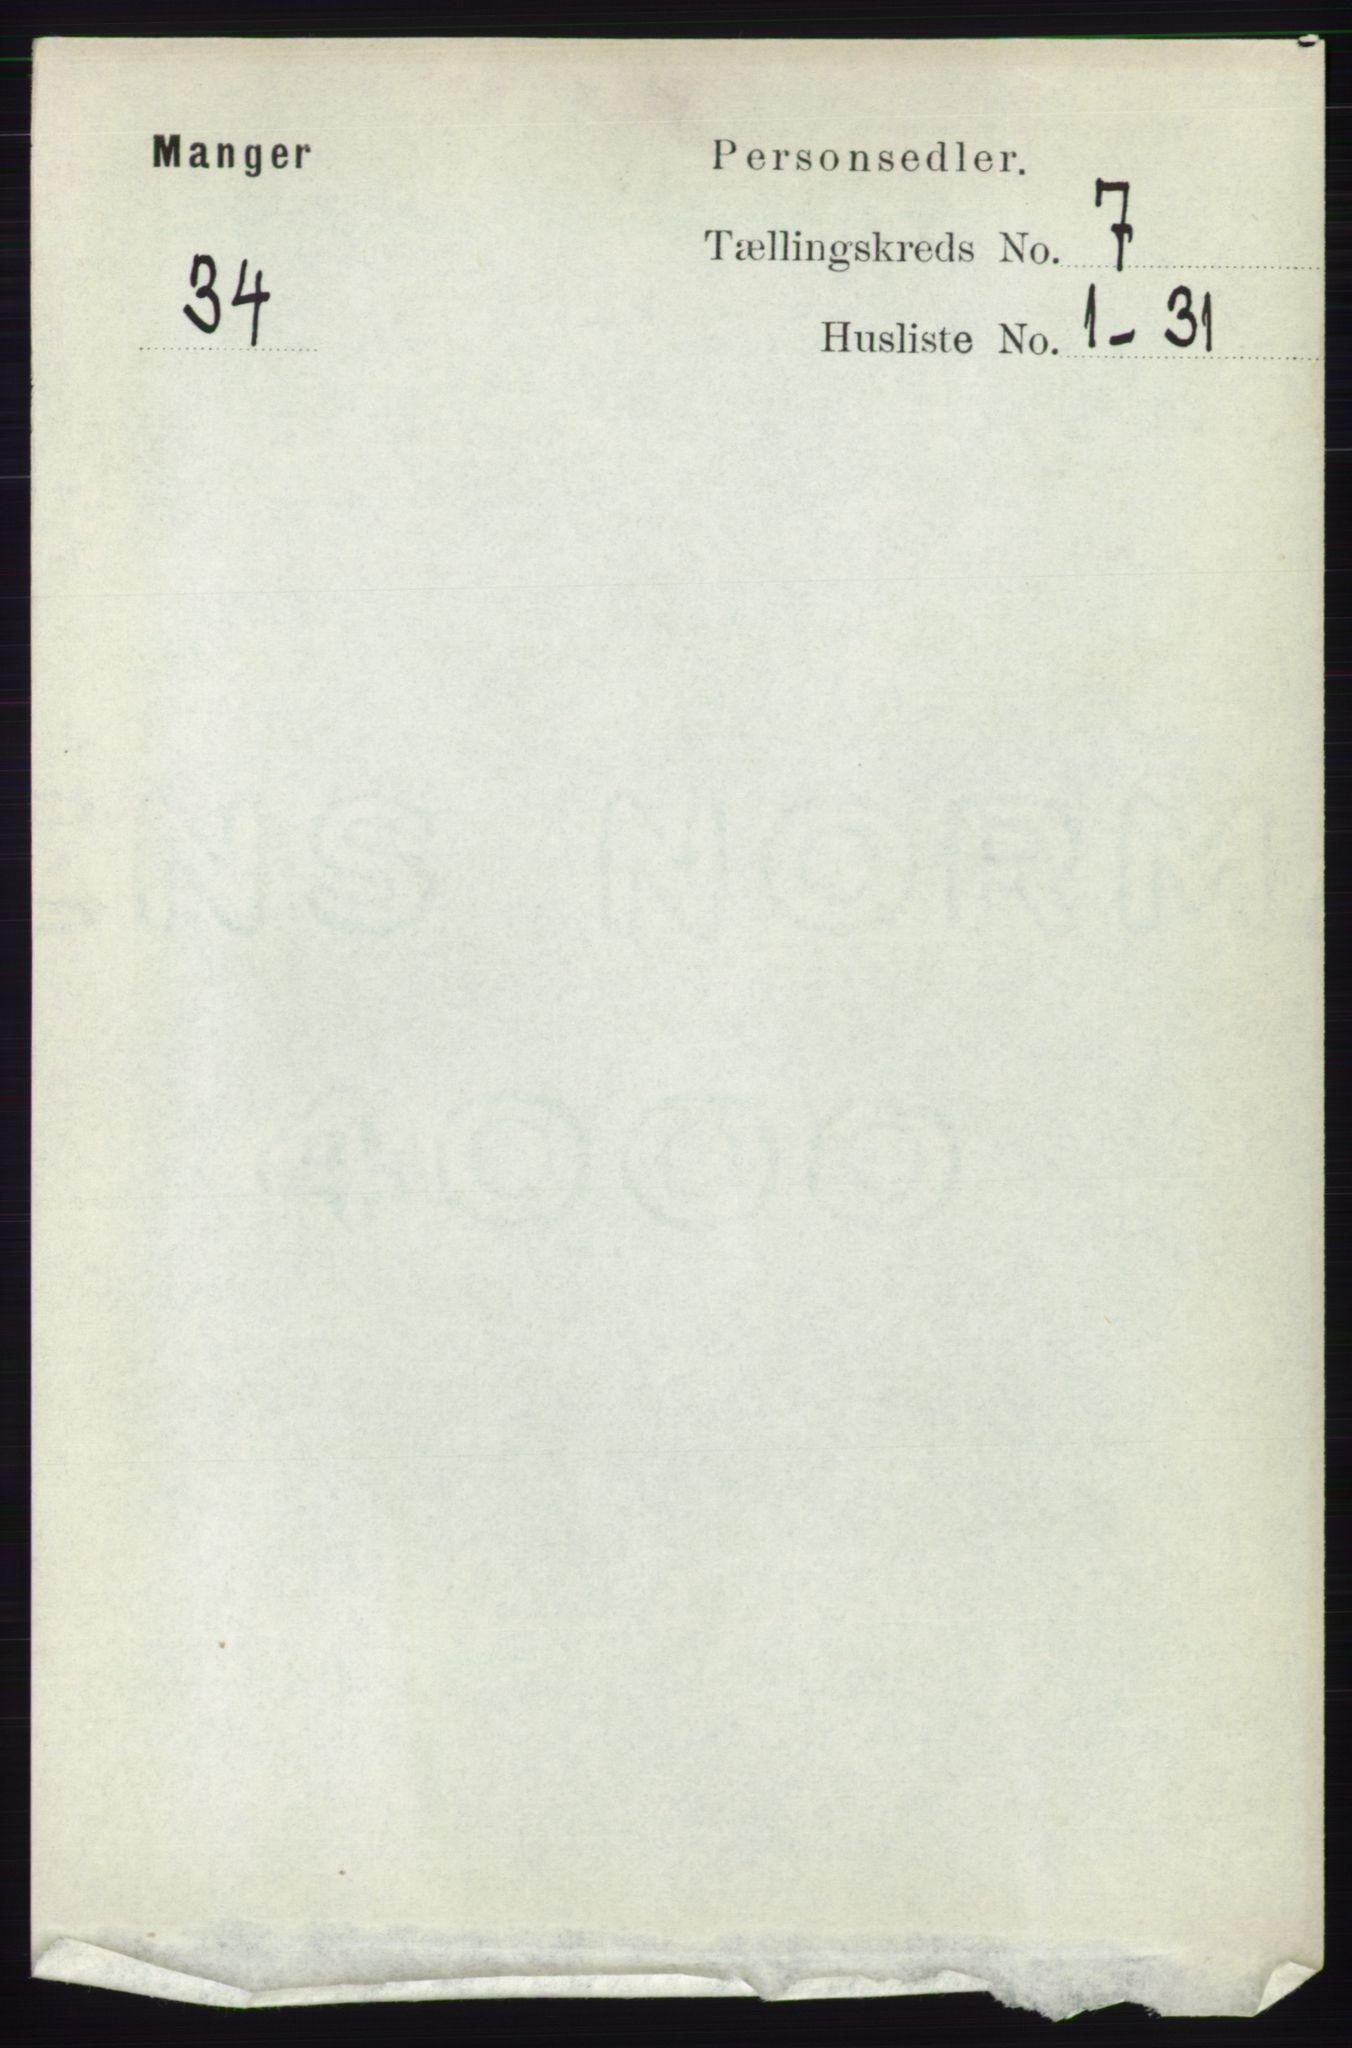 RA, Folketelling 1891 for 1261 Manger herred, 1891, s. 4358